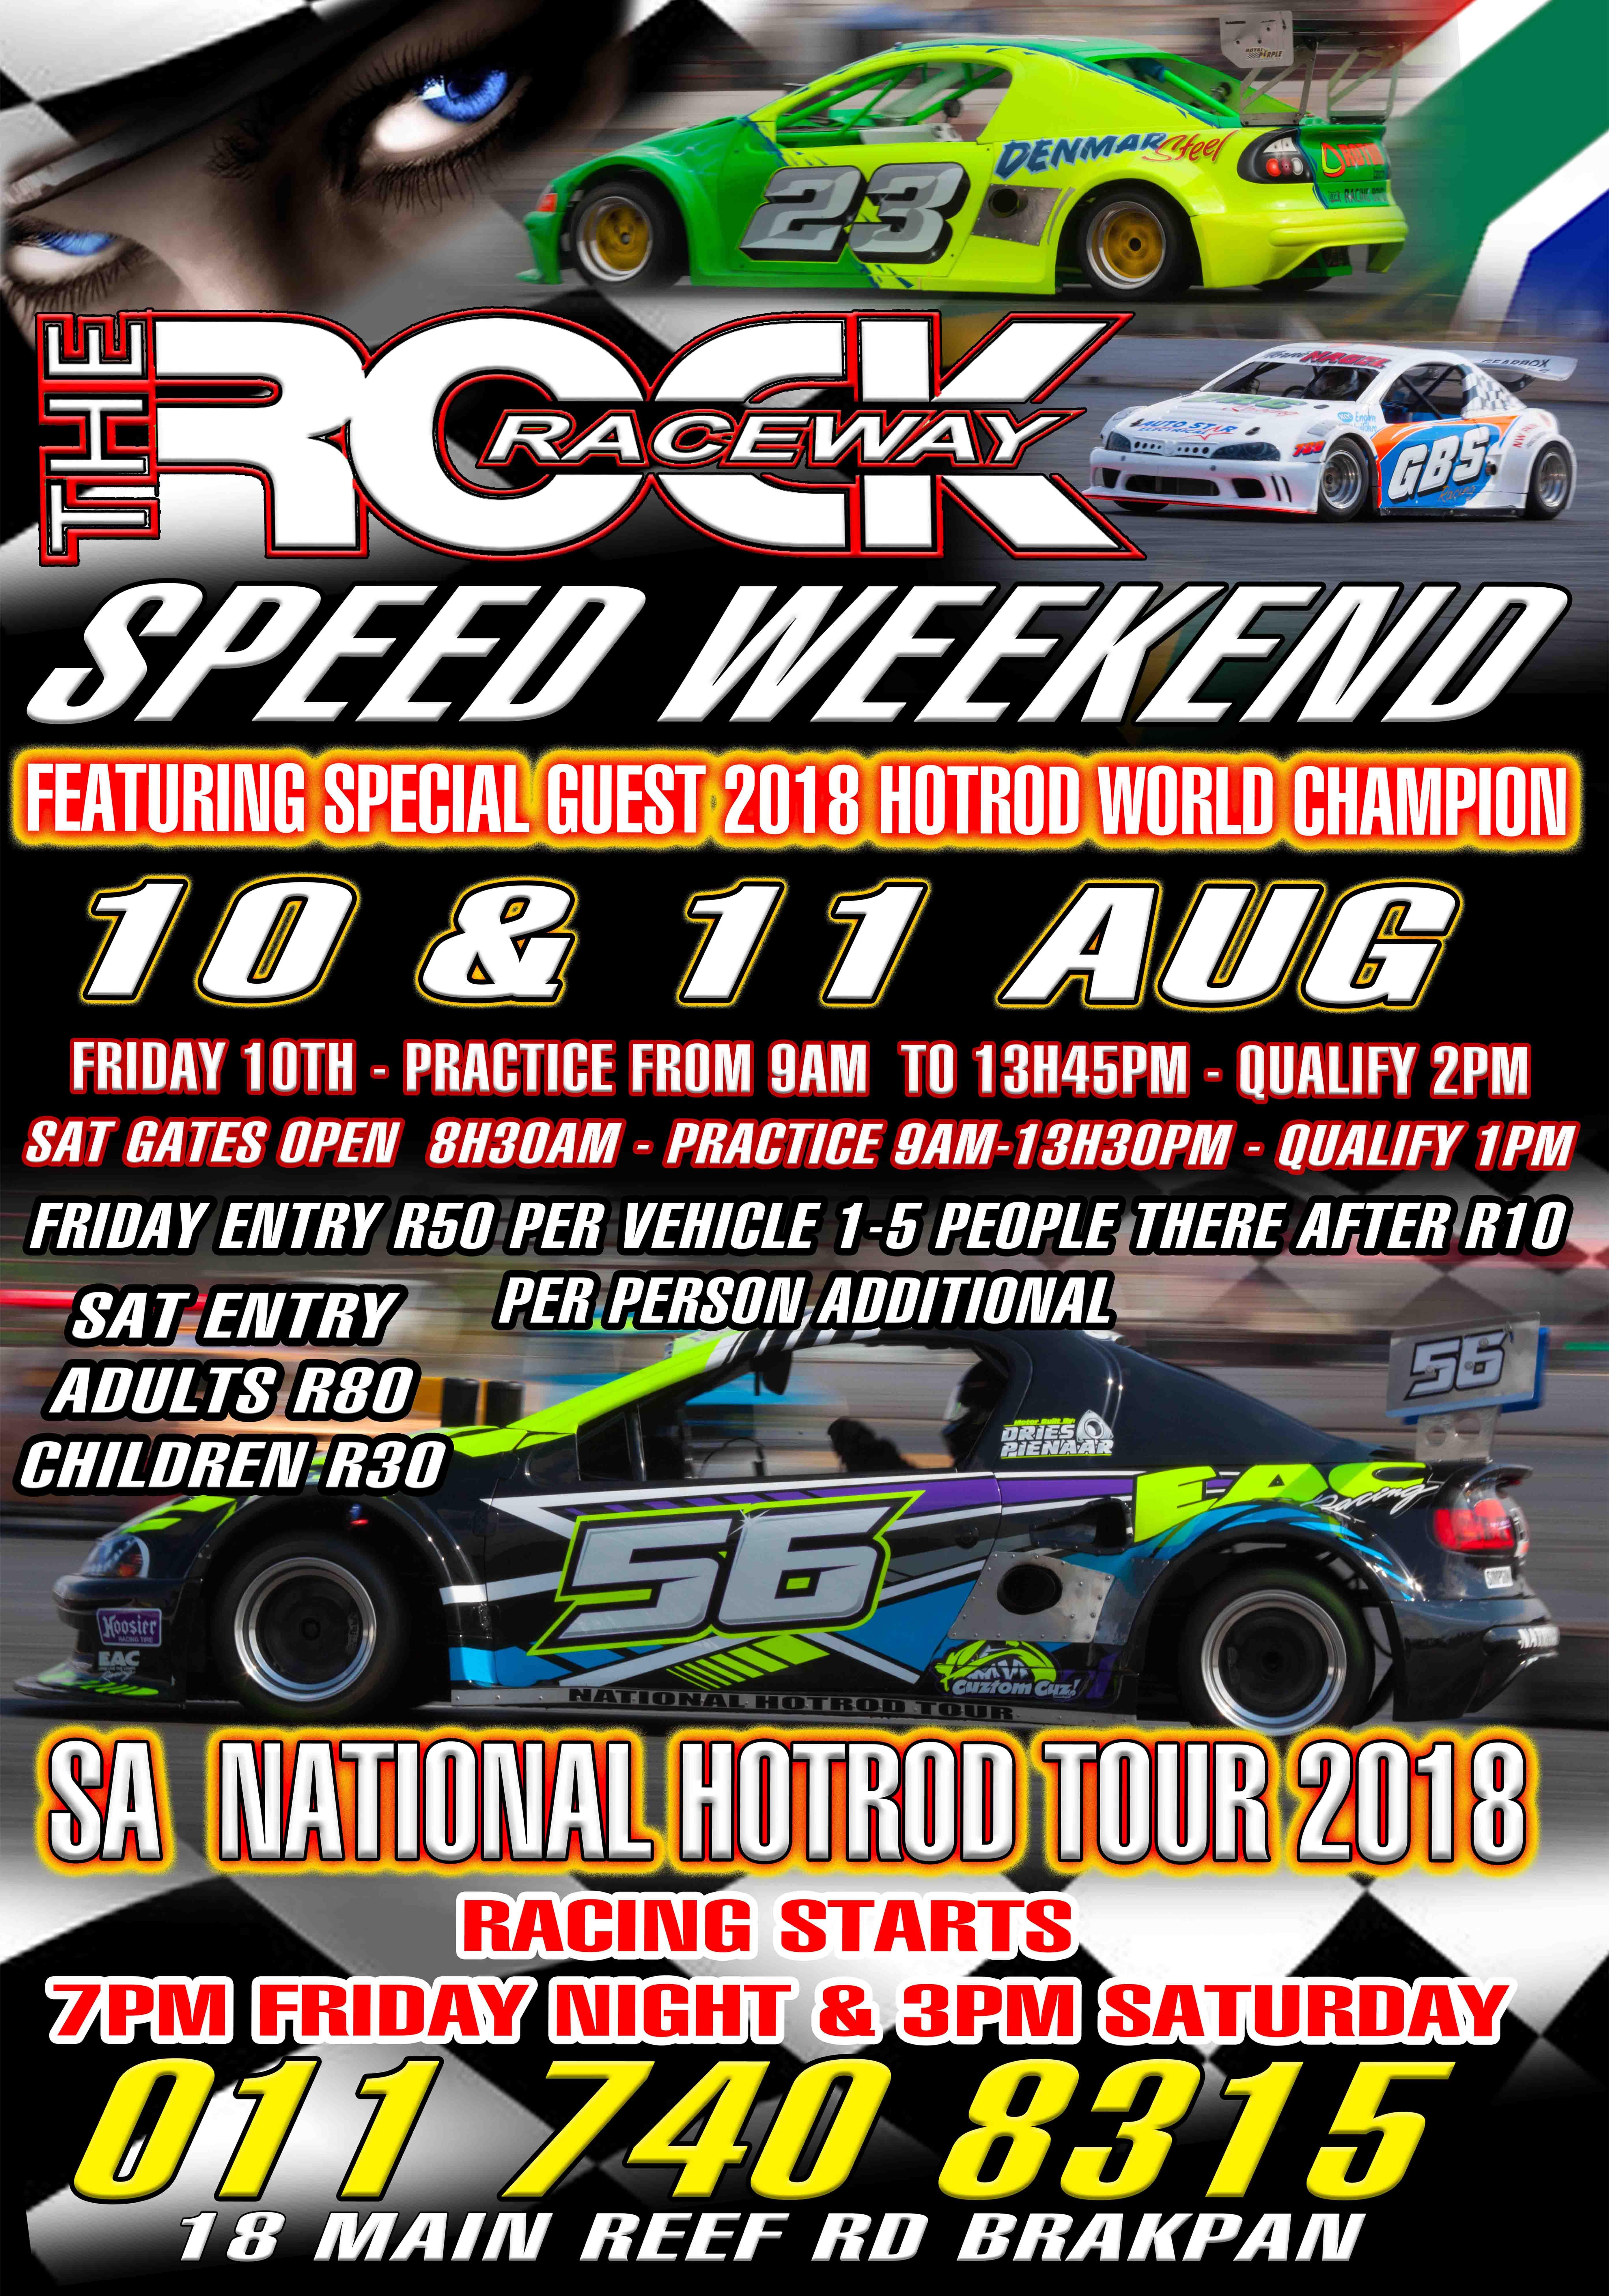 Speed Weekend 2018fb.jpg